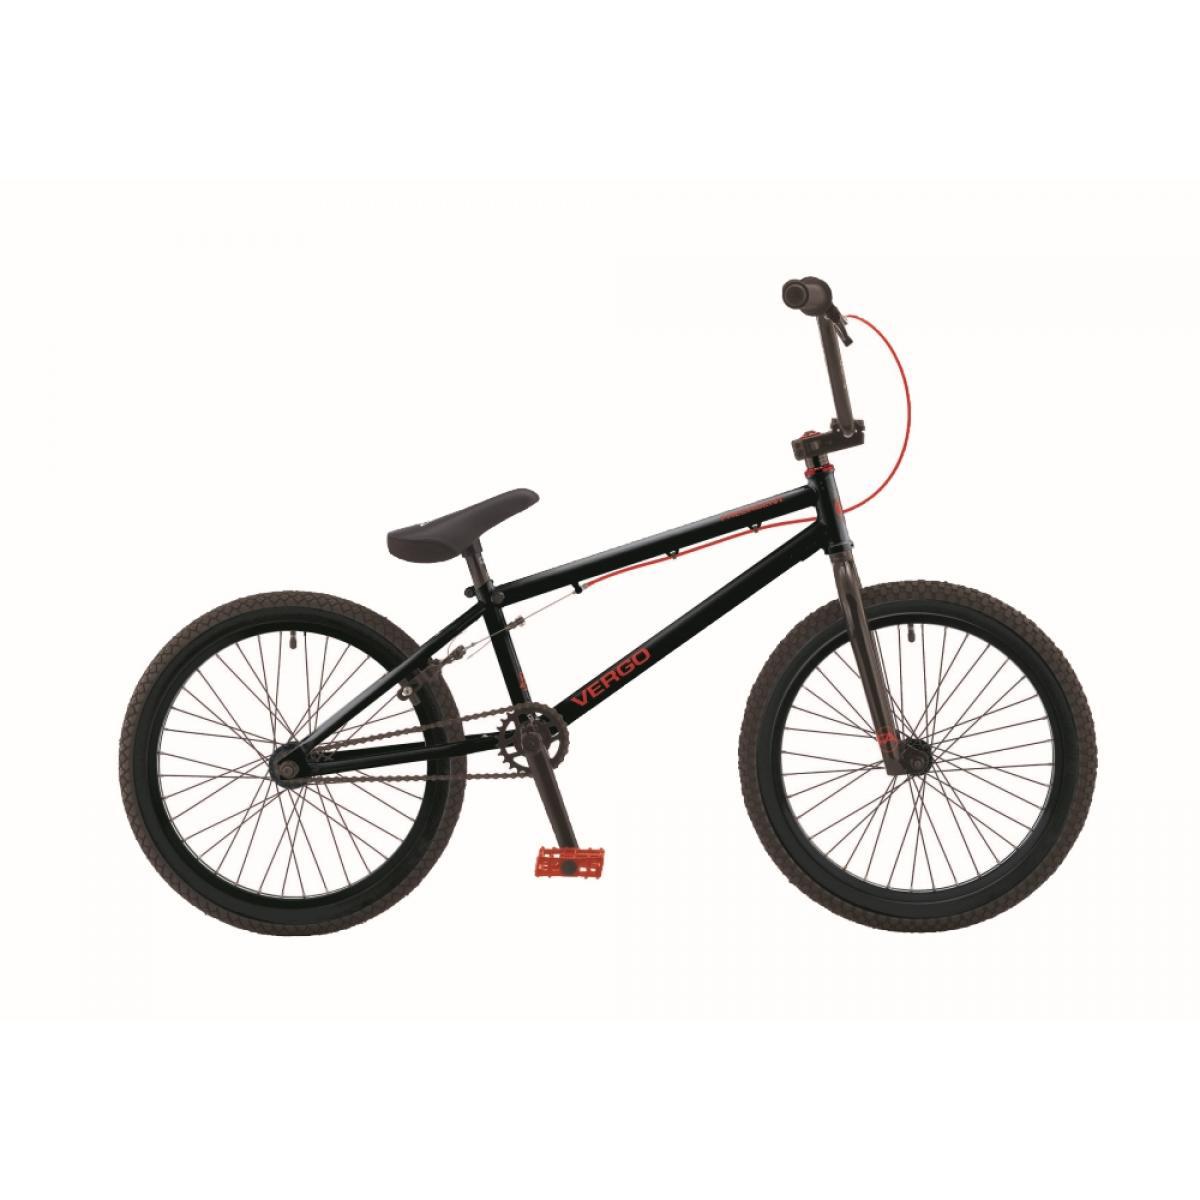 Велосипед BMX Freeagent Vergo 2015, цвет: черный, колесо 20213021